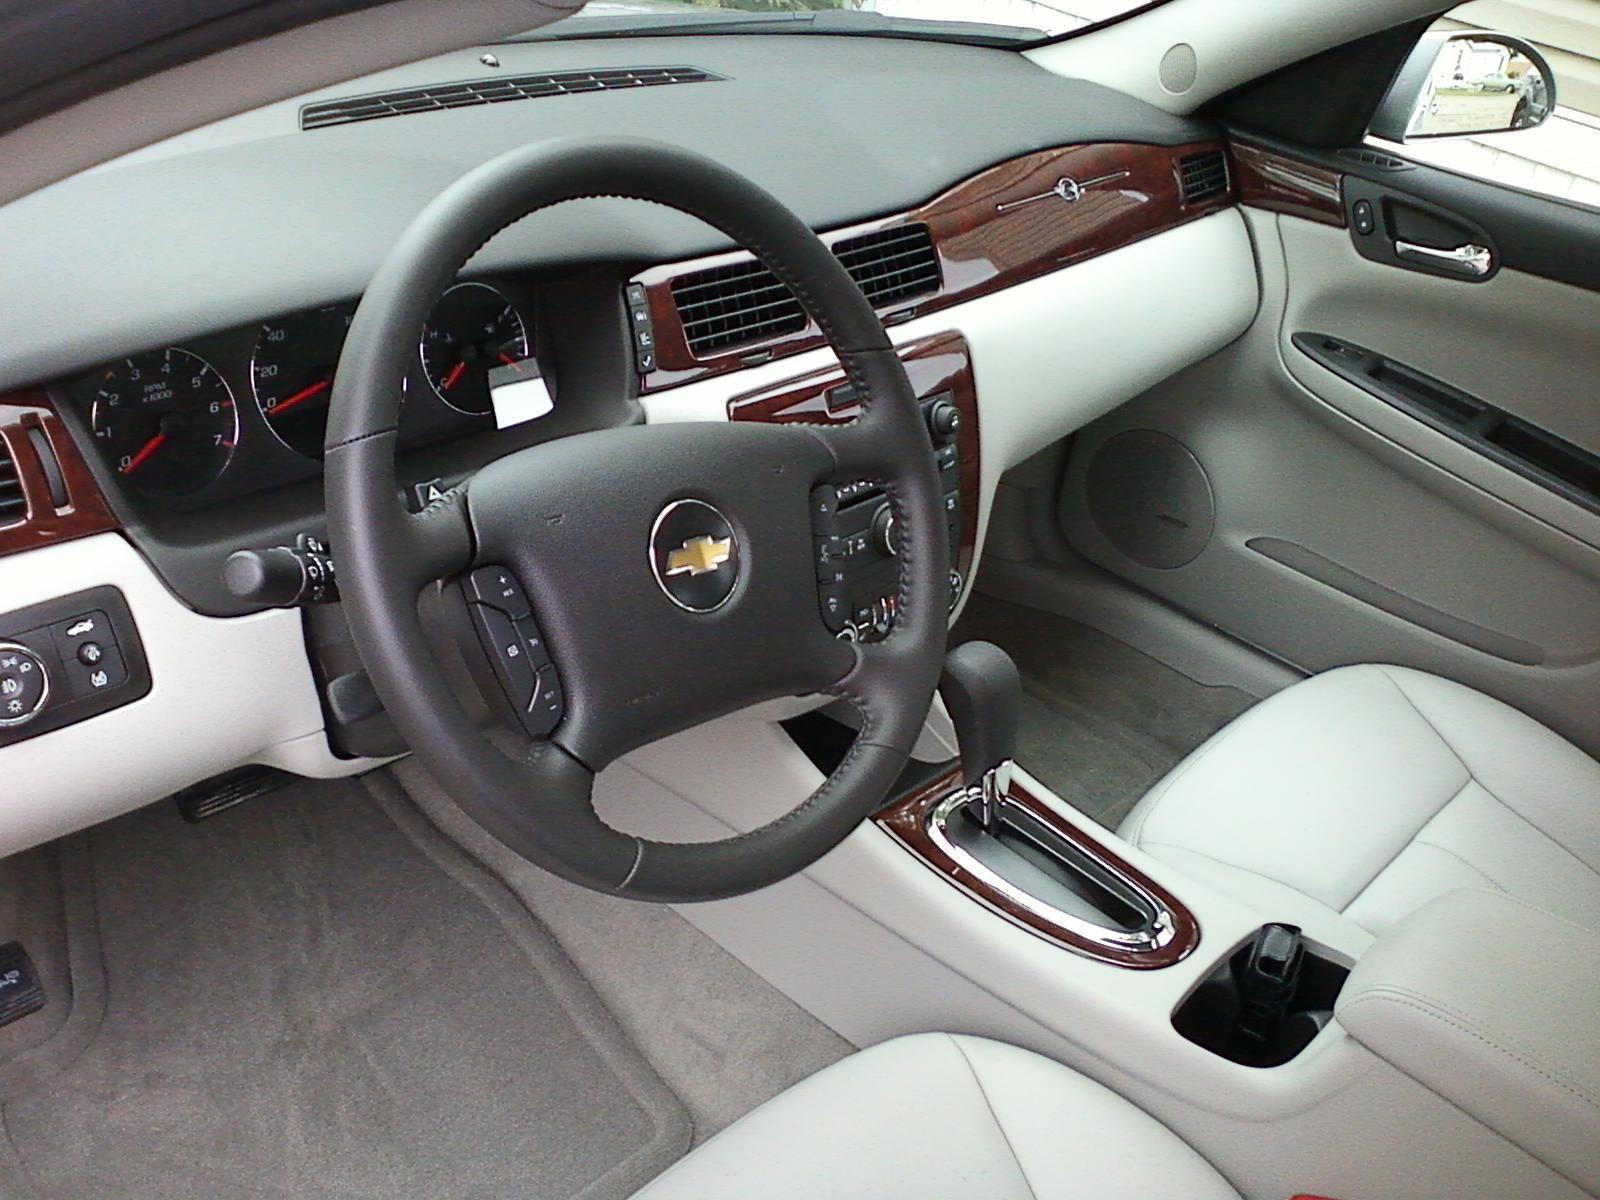 06 09 Used Ss Impala Html Autos Post